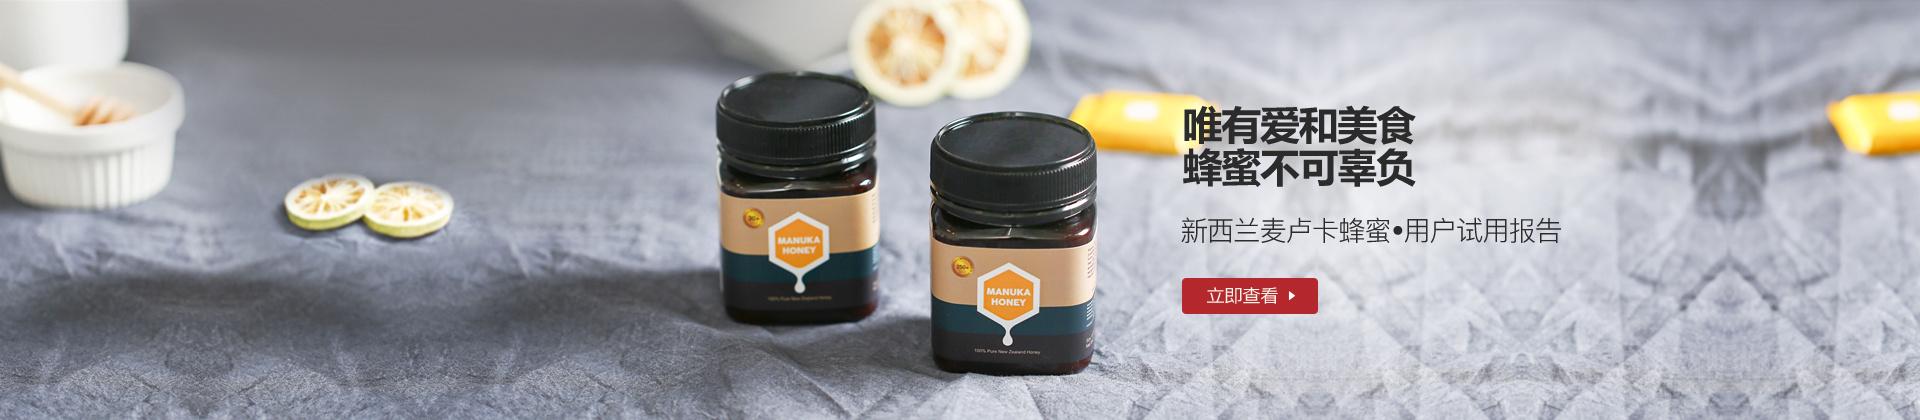 新西兰麦卢卡蜂蜜